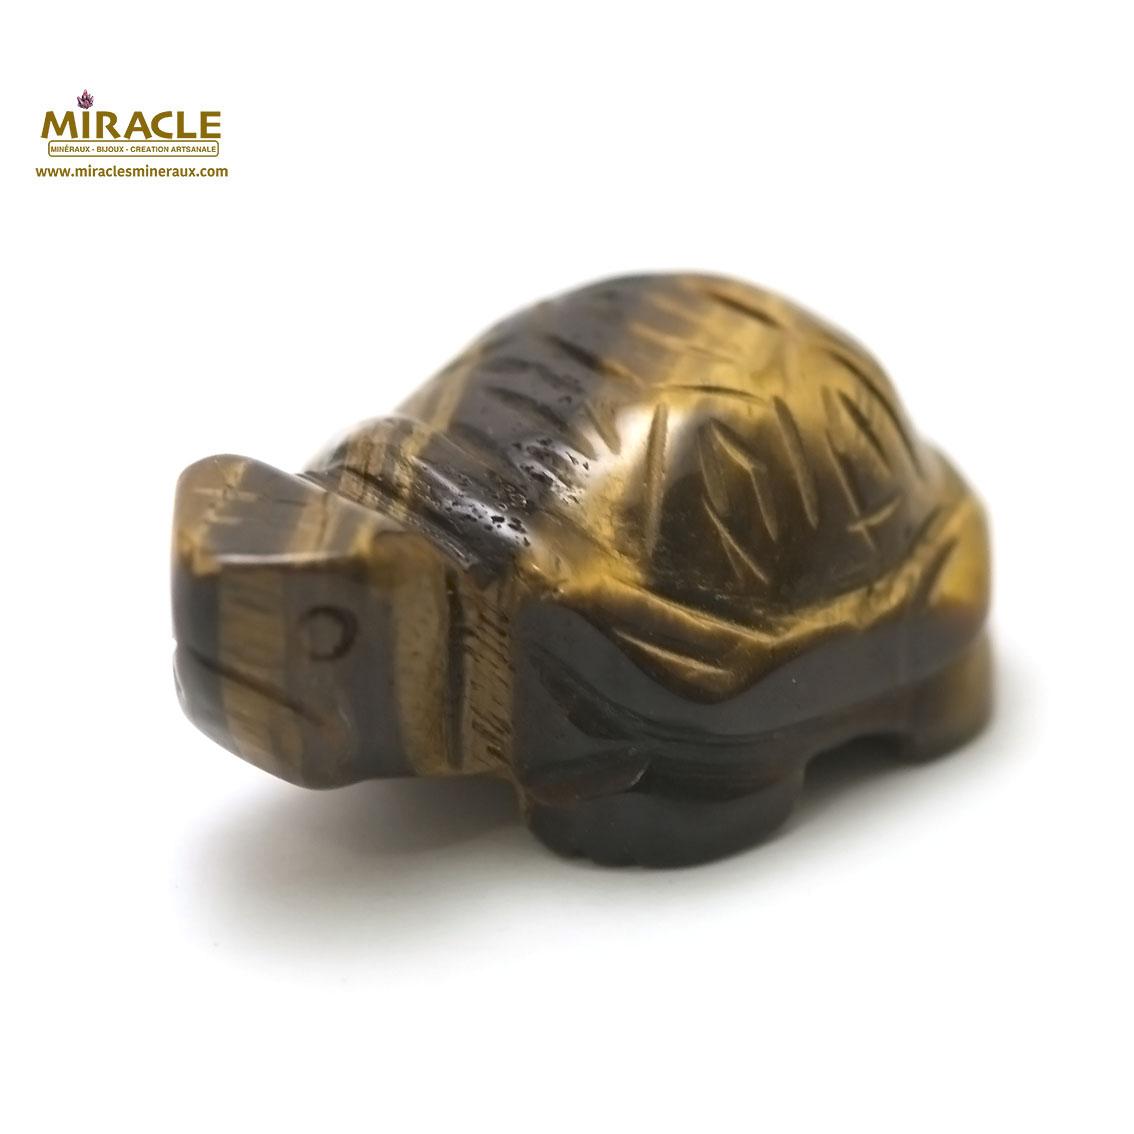 Magnifique statuette tortue en pierre naturelle de l\'oeil du tigre